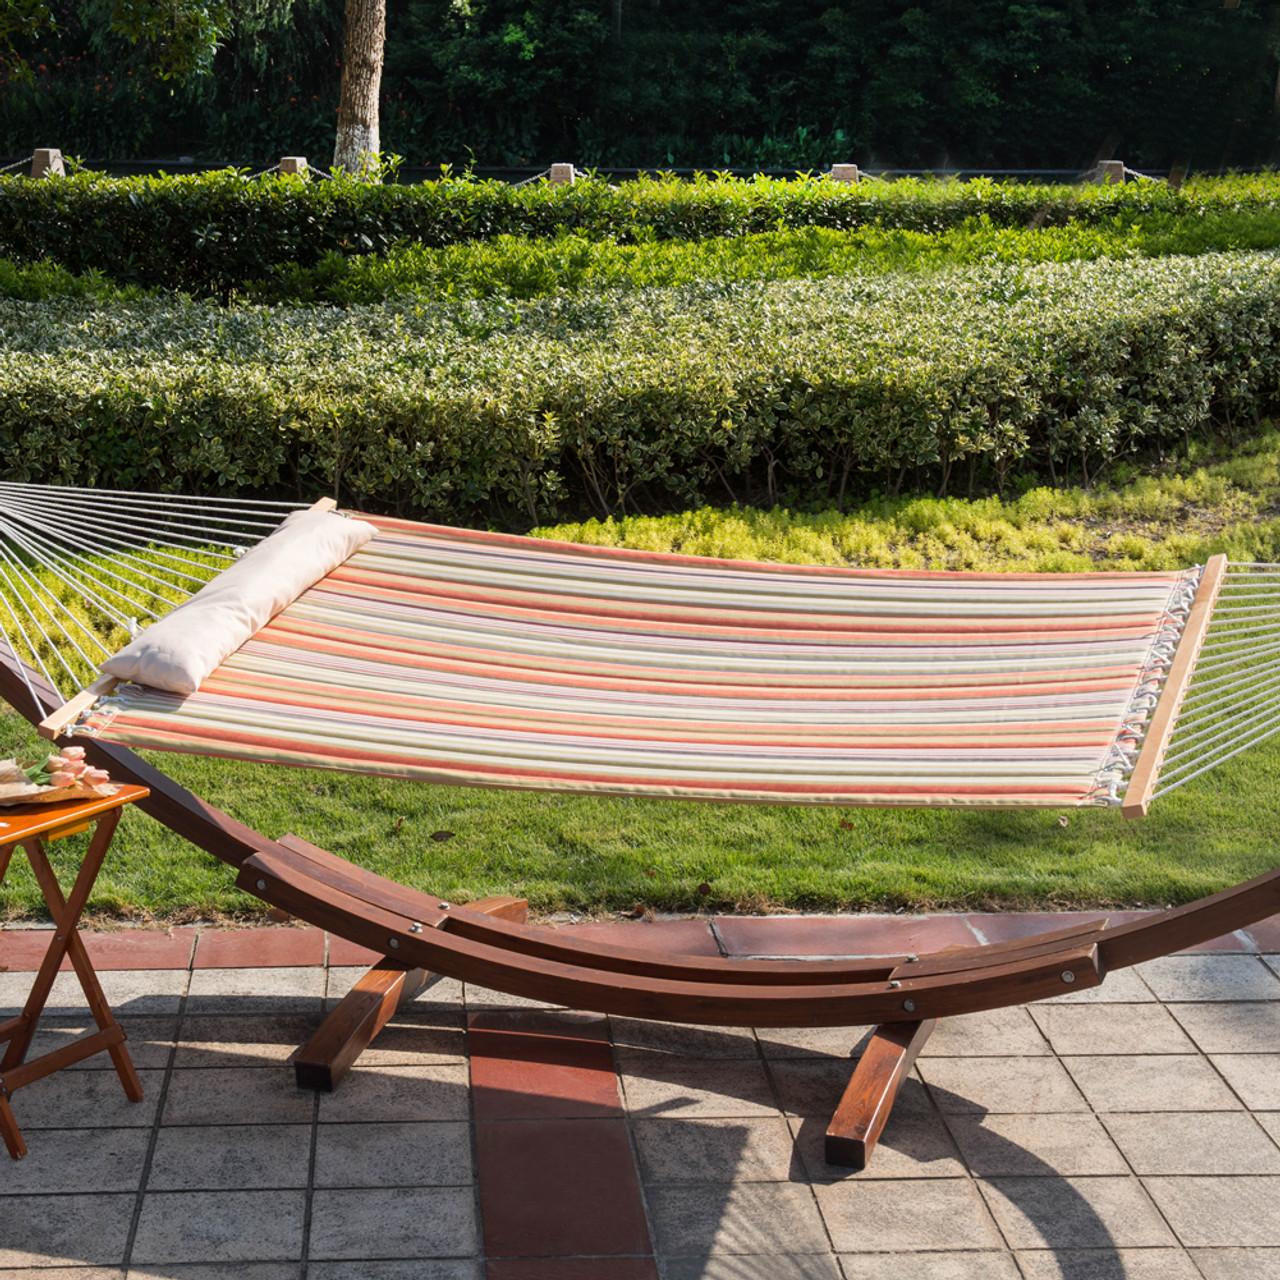 Two person hammock swing